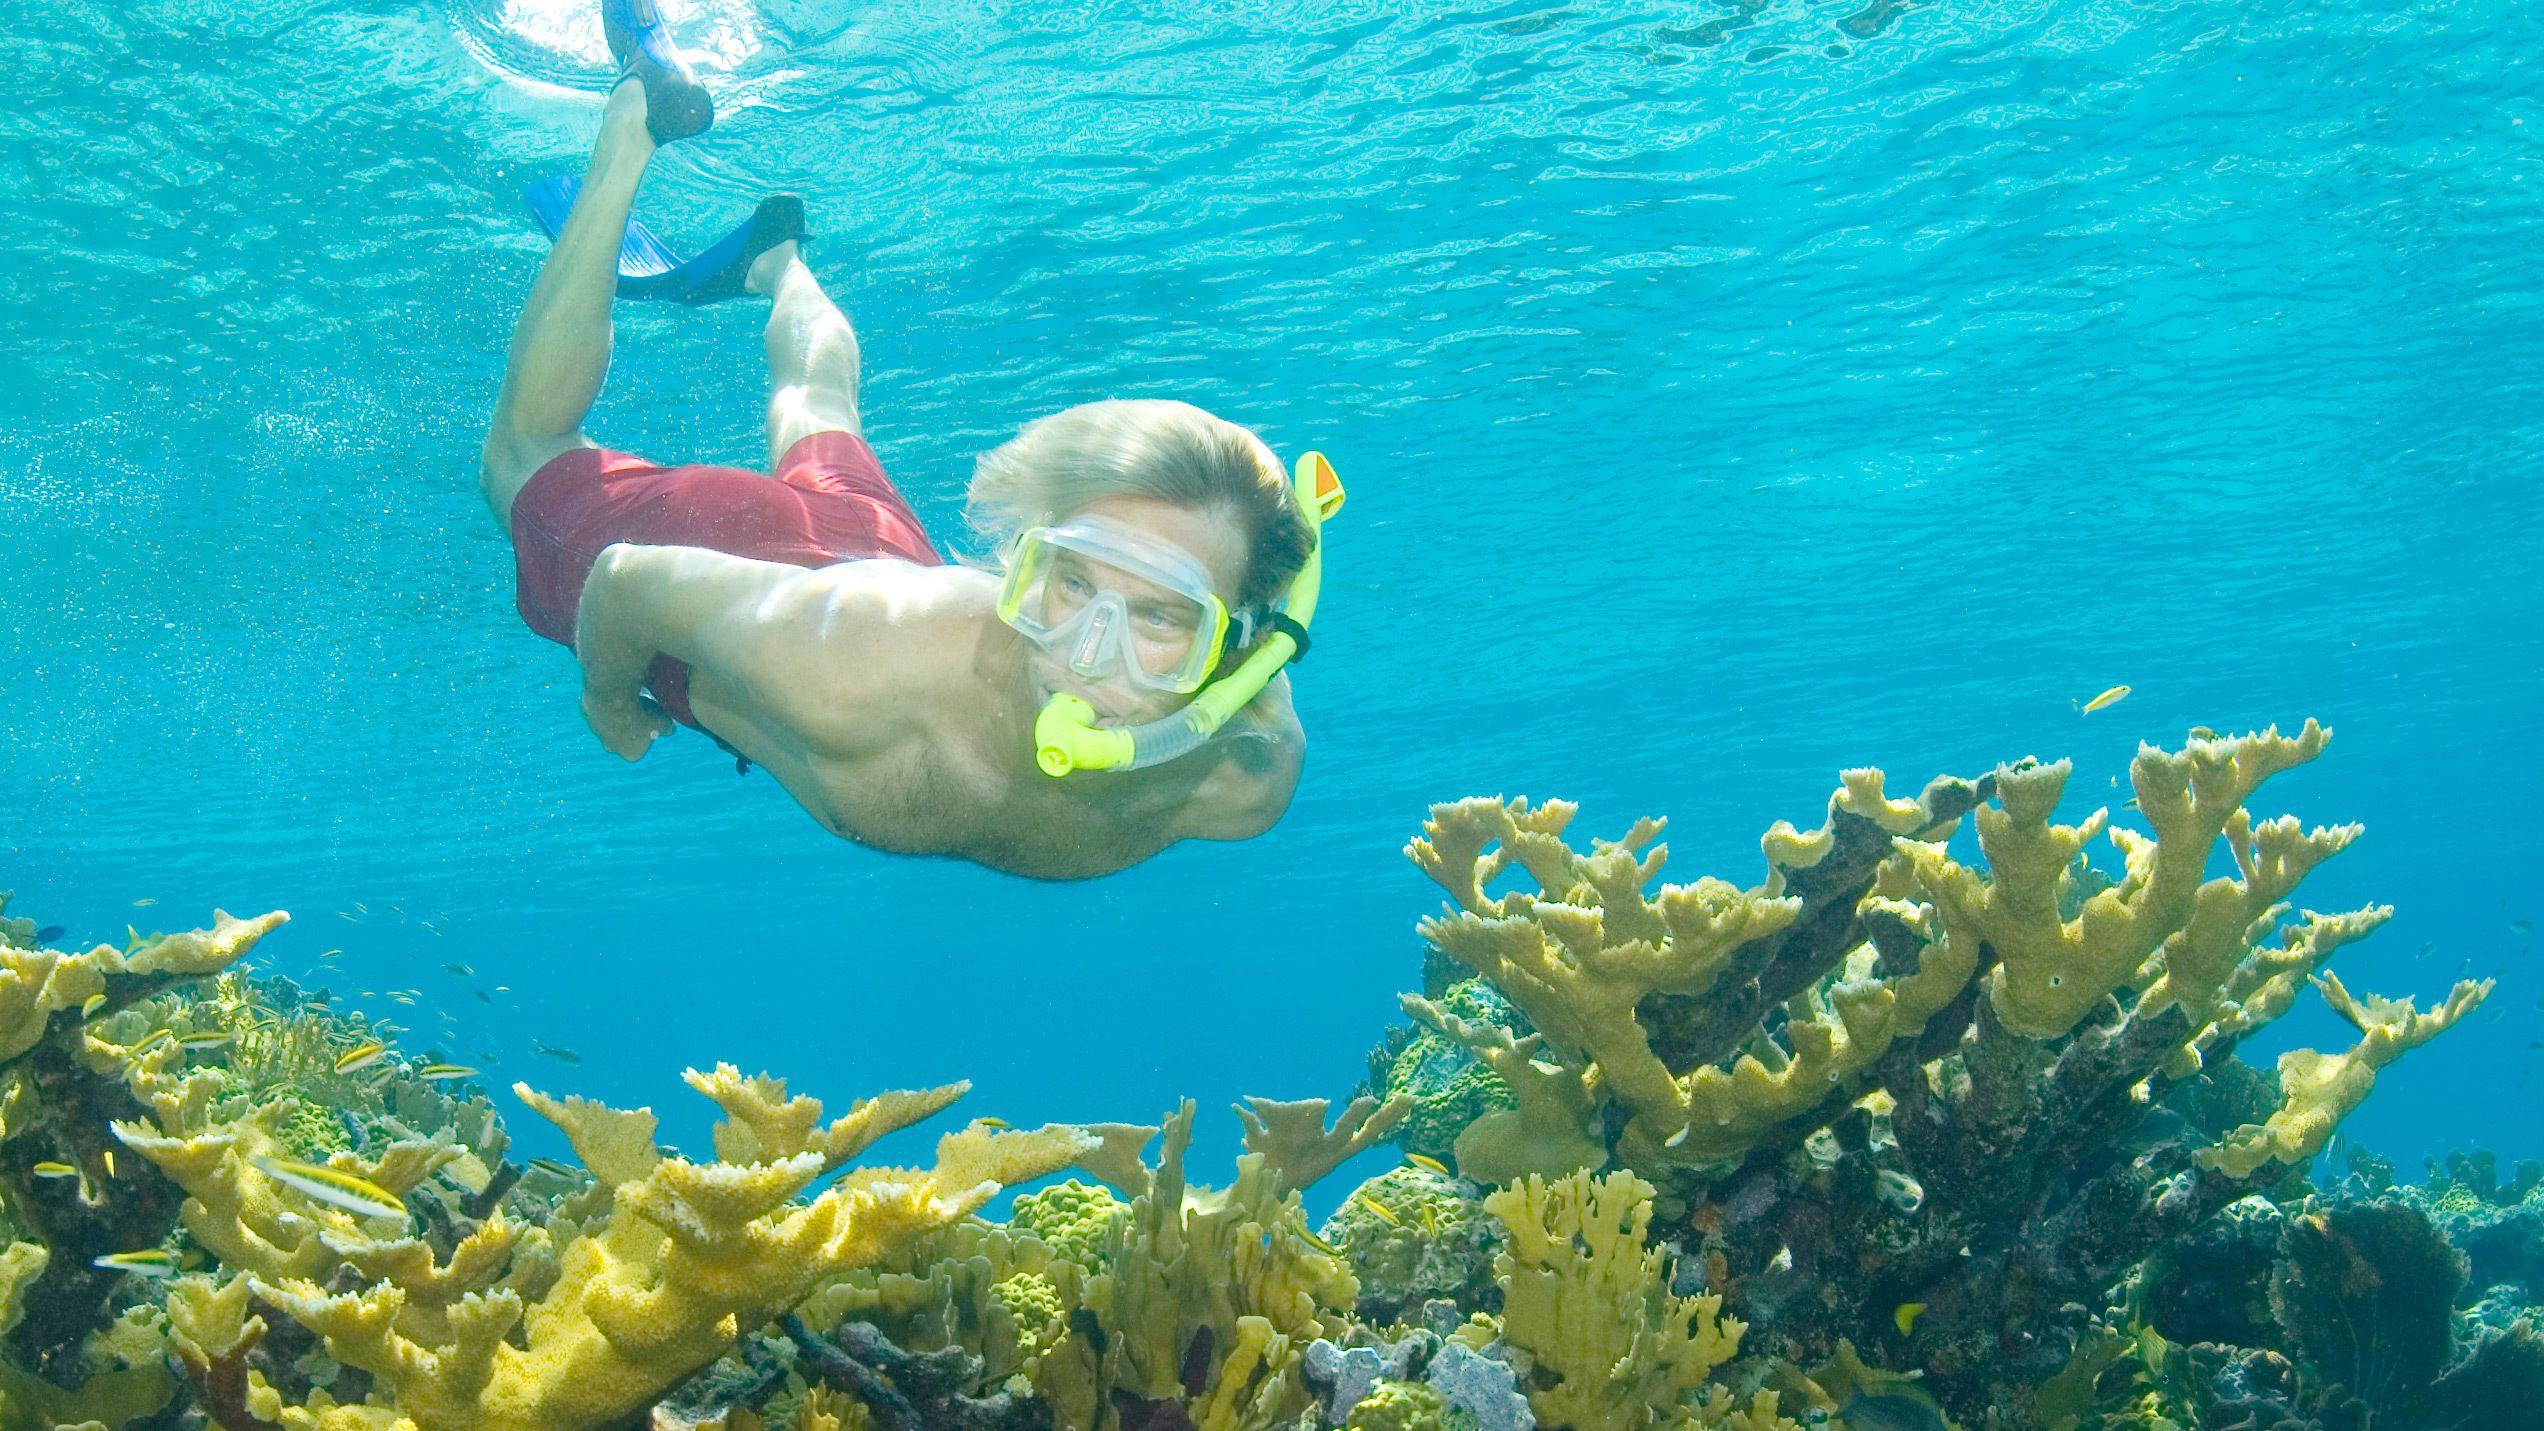 Snorkeler in water in bahamas